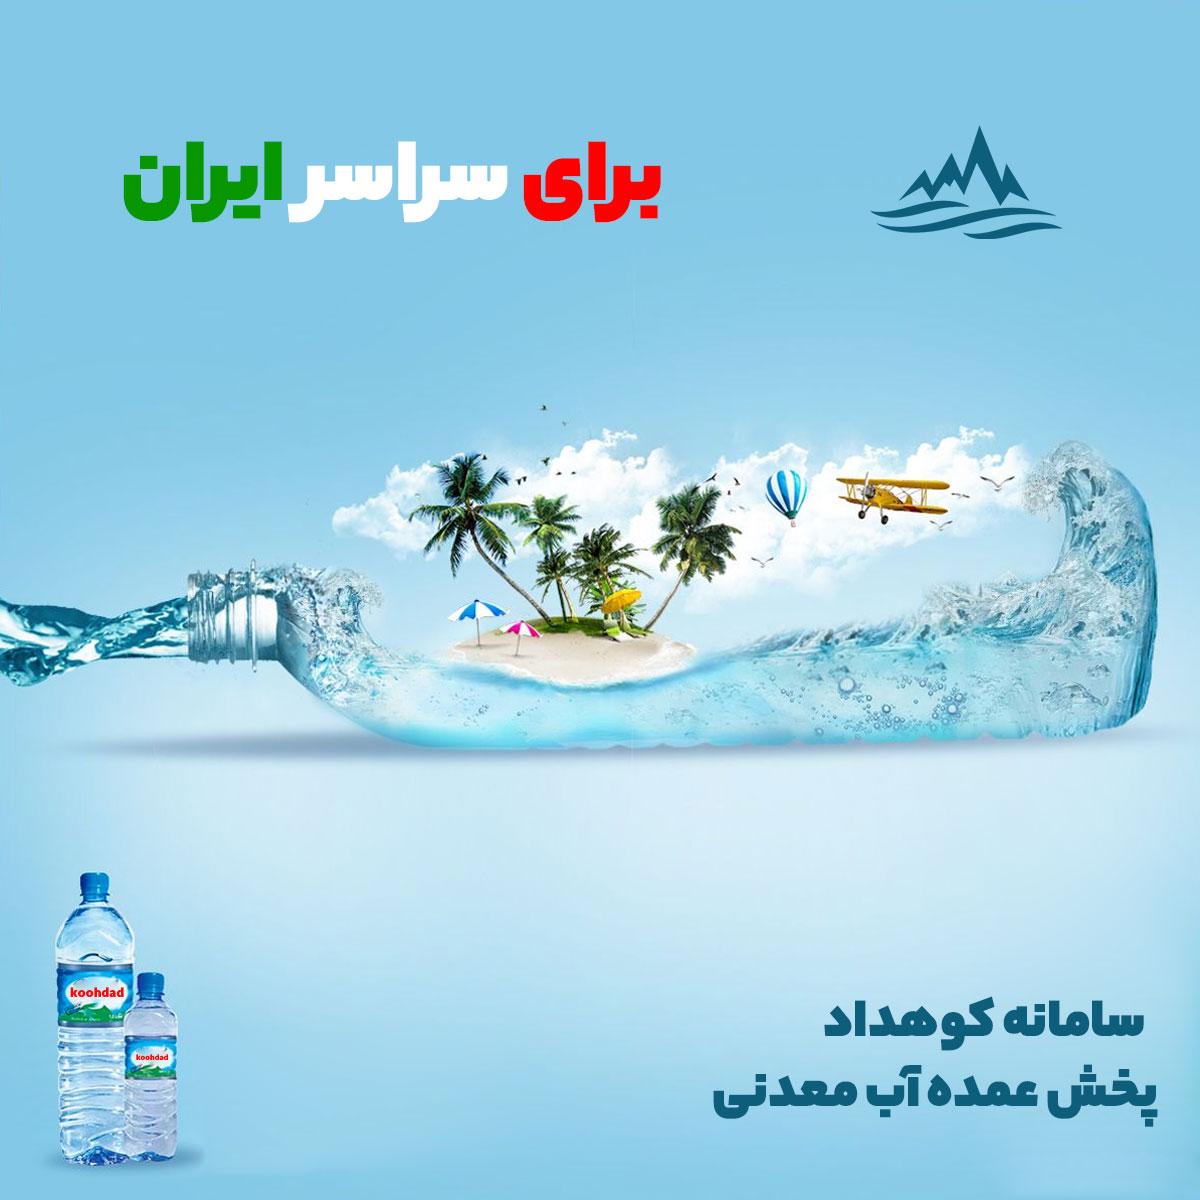 پخش-آب-معدنی